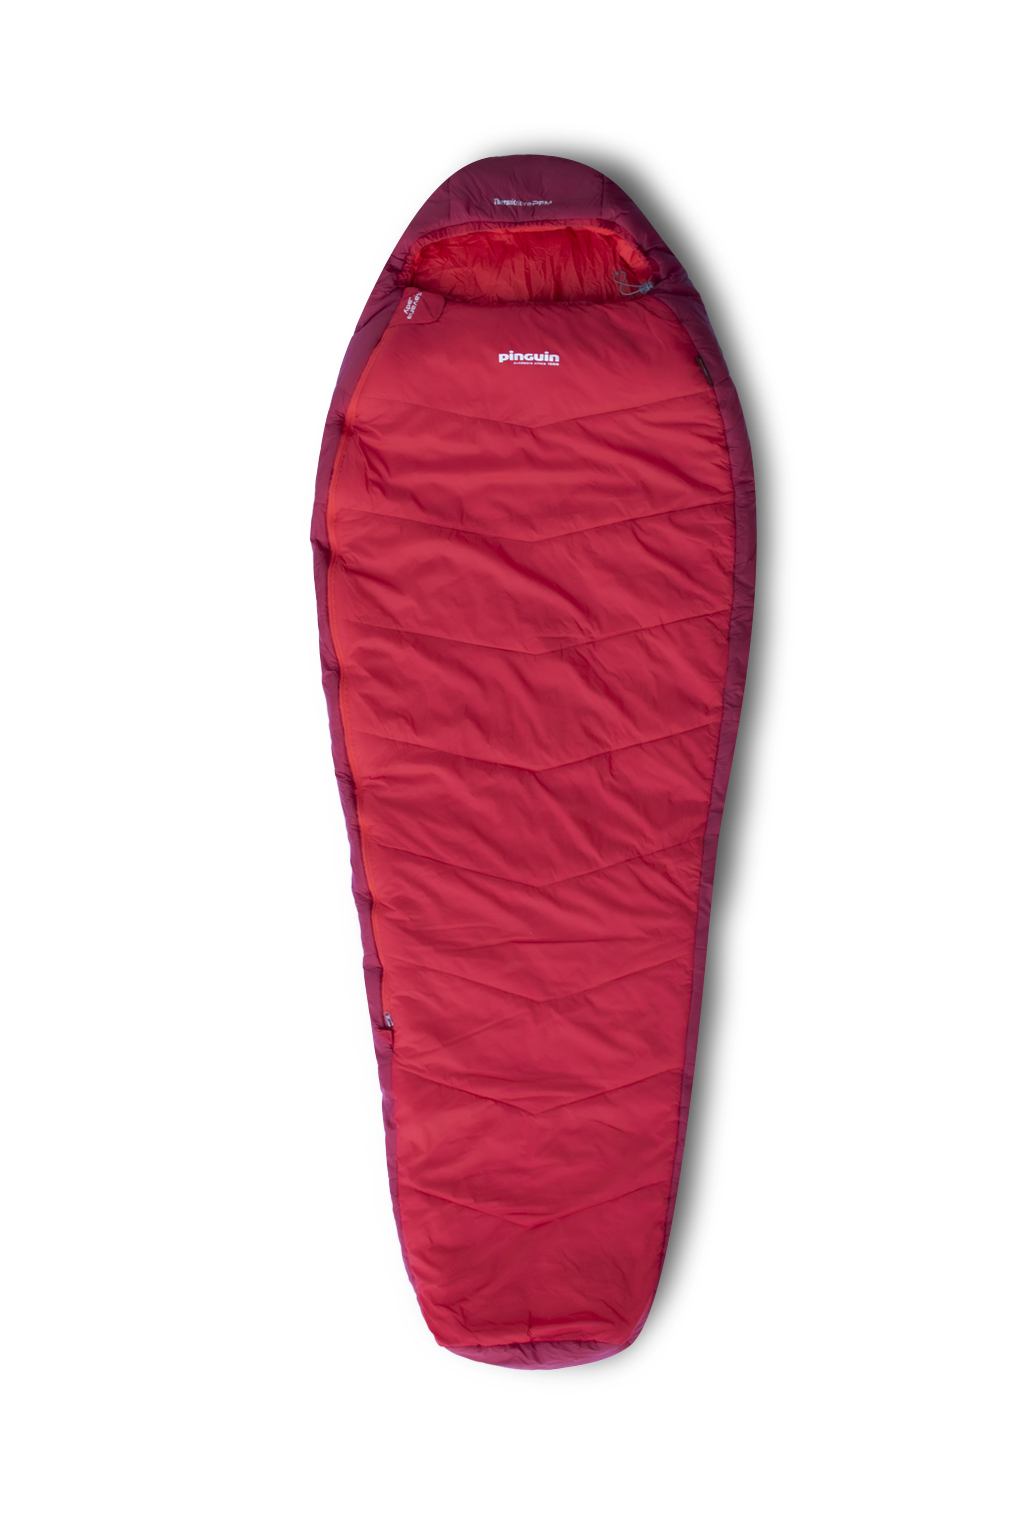 Dámský spacák Savana červený